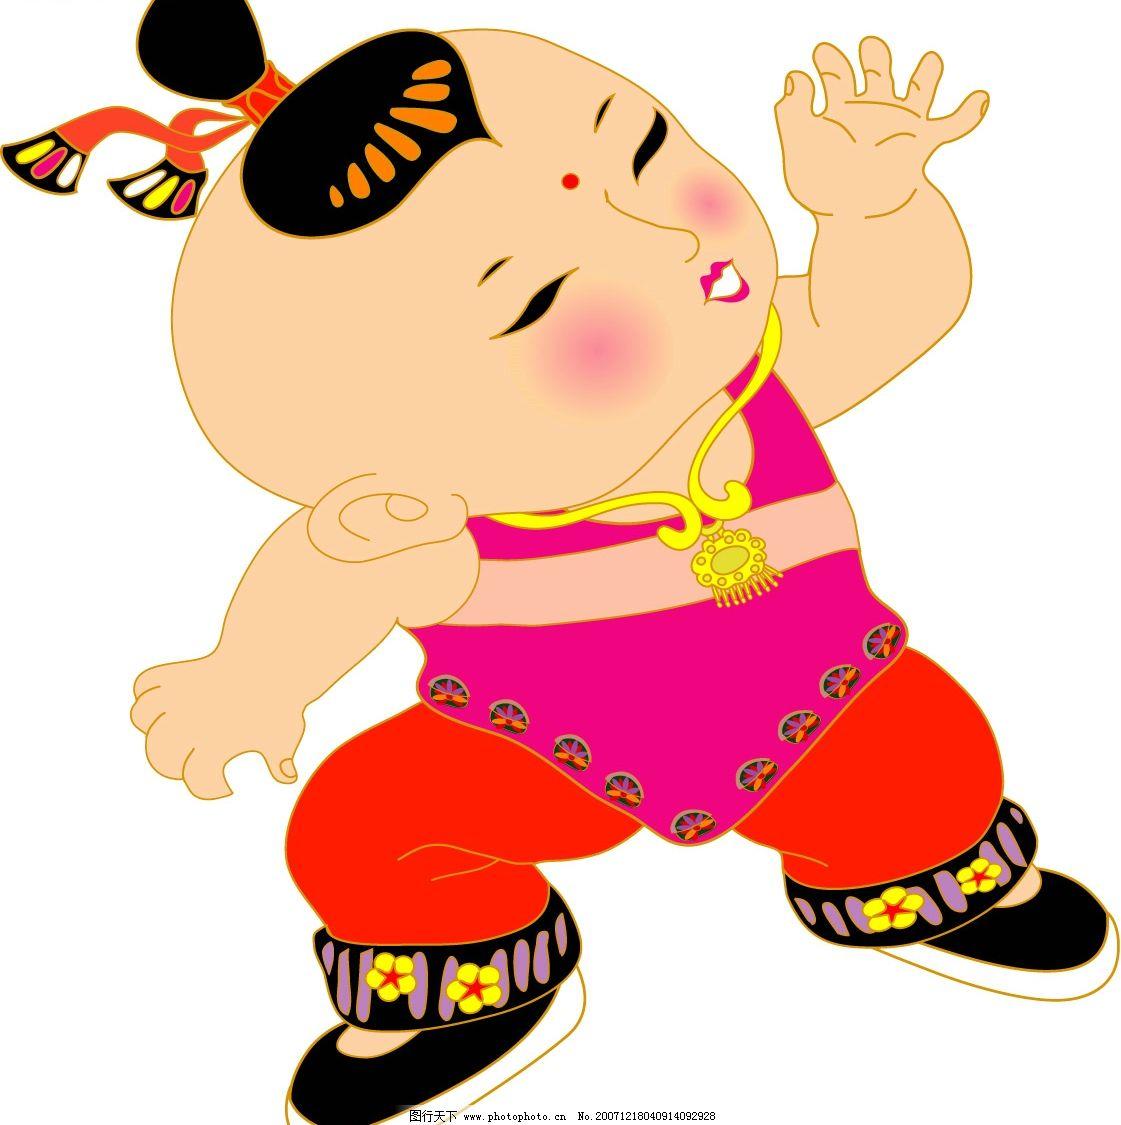 娃娃 民俗 吉祥 传统 矢量人物 儿童幼儿 矢量图库   ai